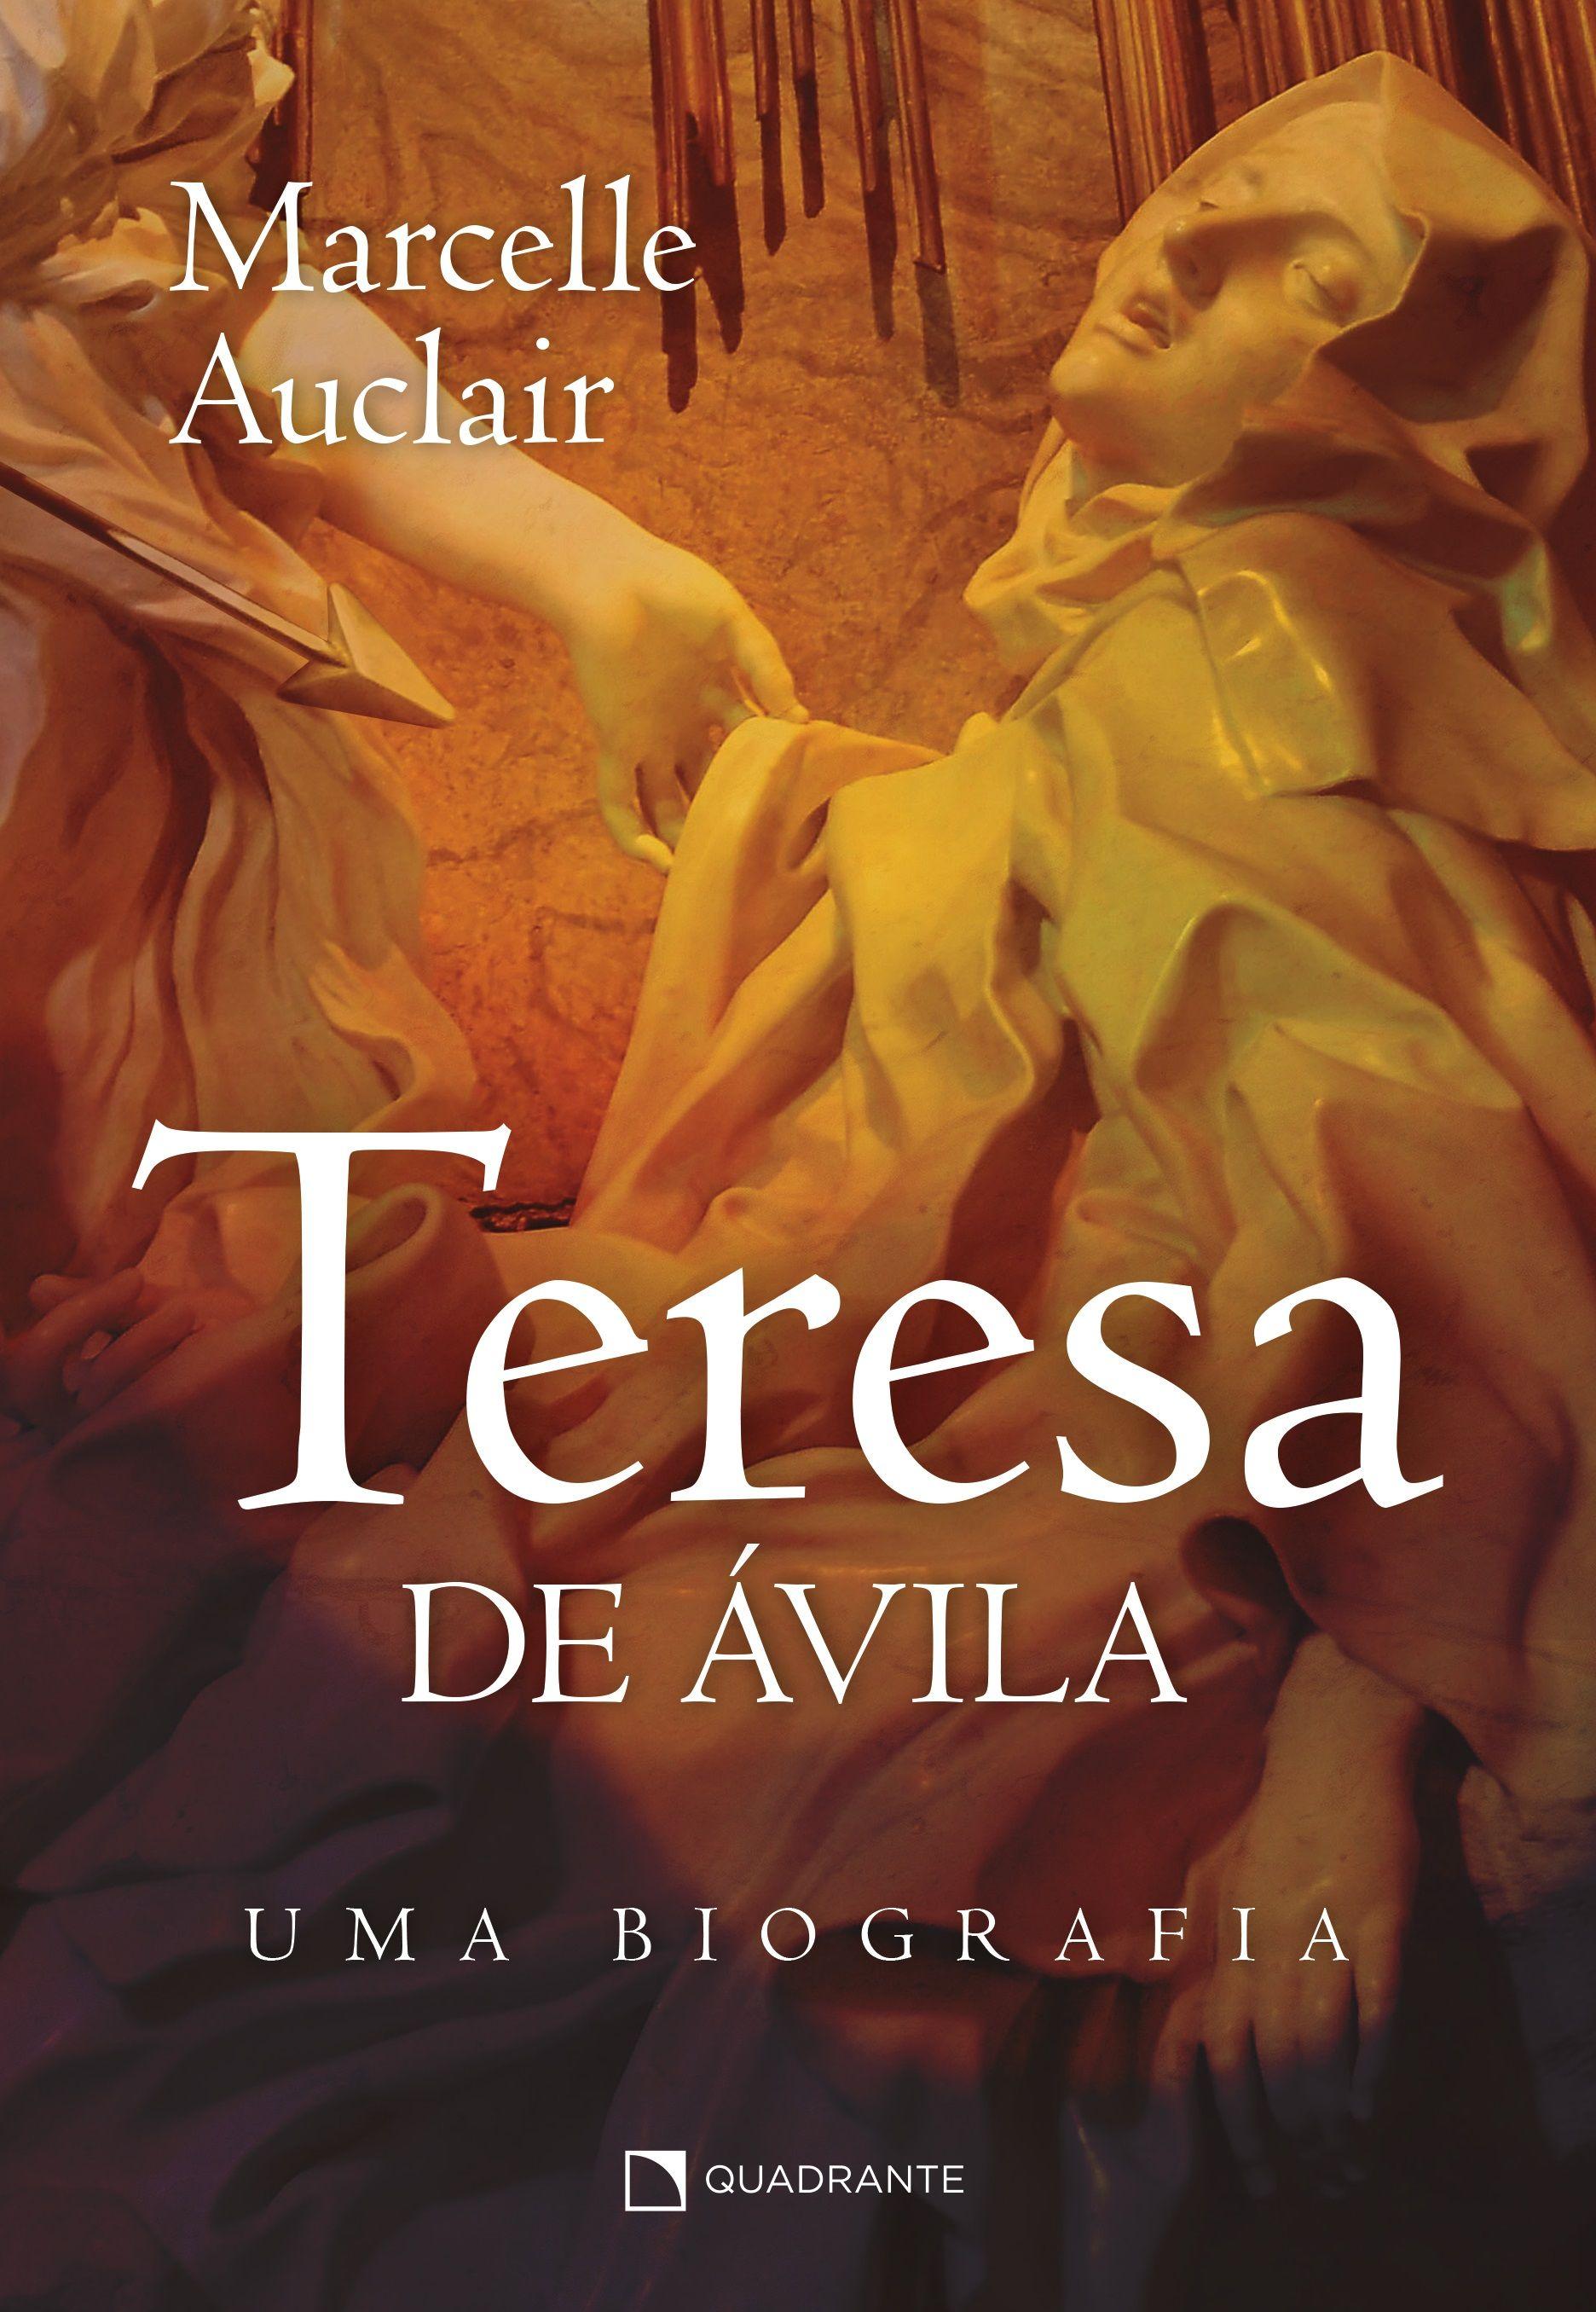 Livro Teresa de Ávila - uma biografia